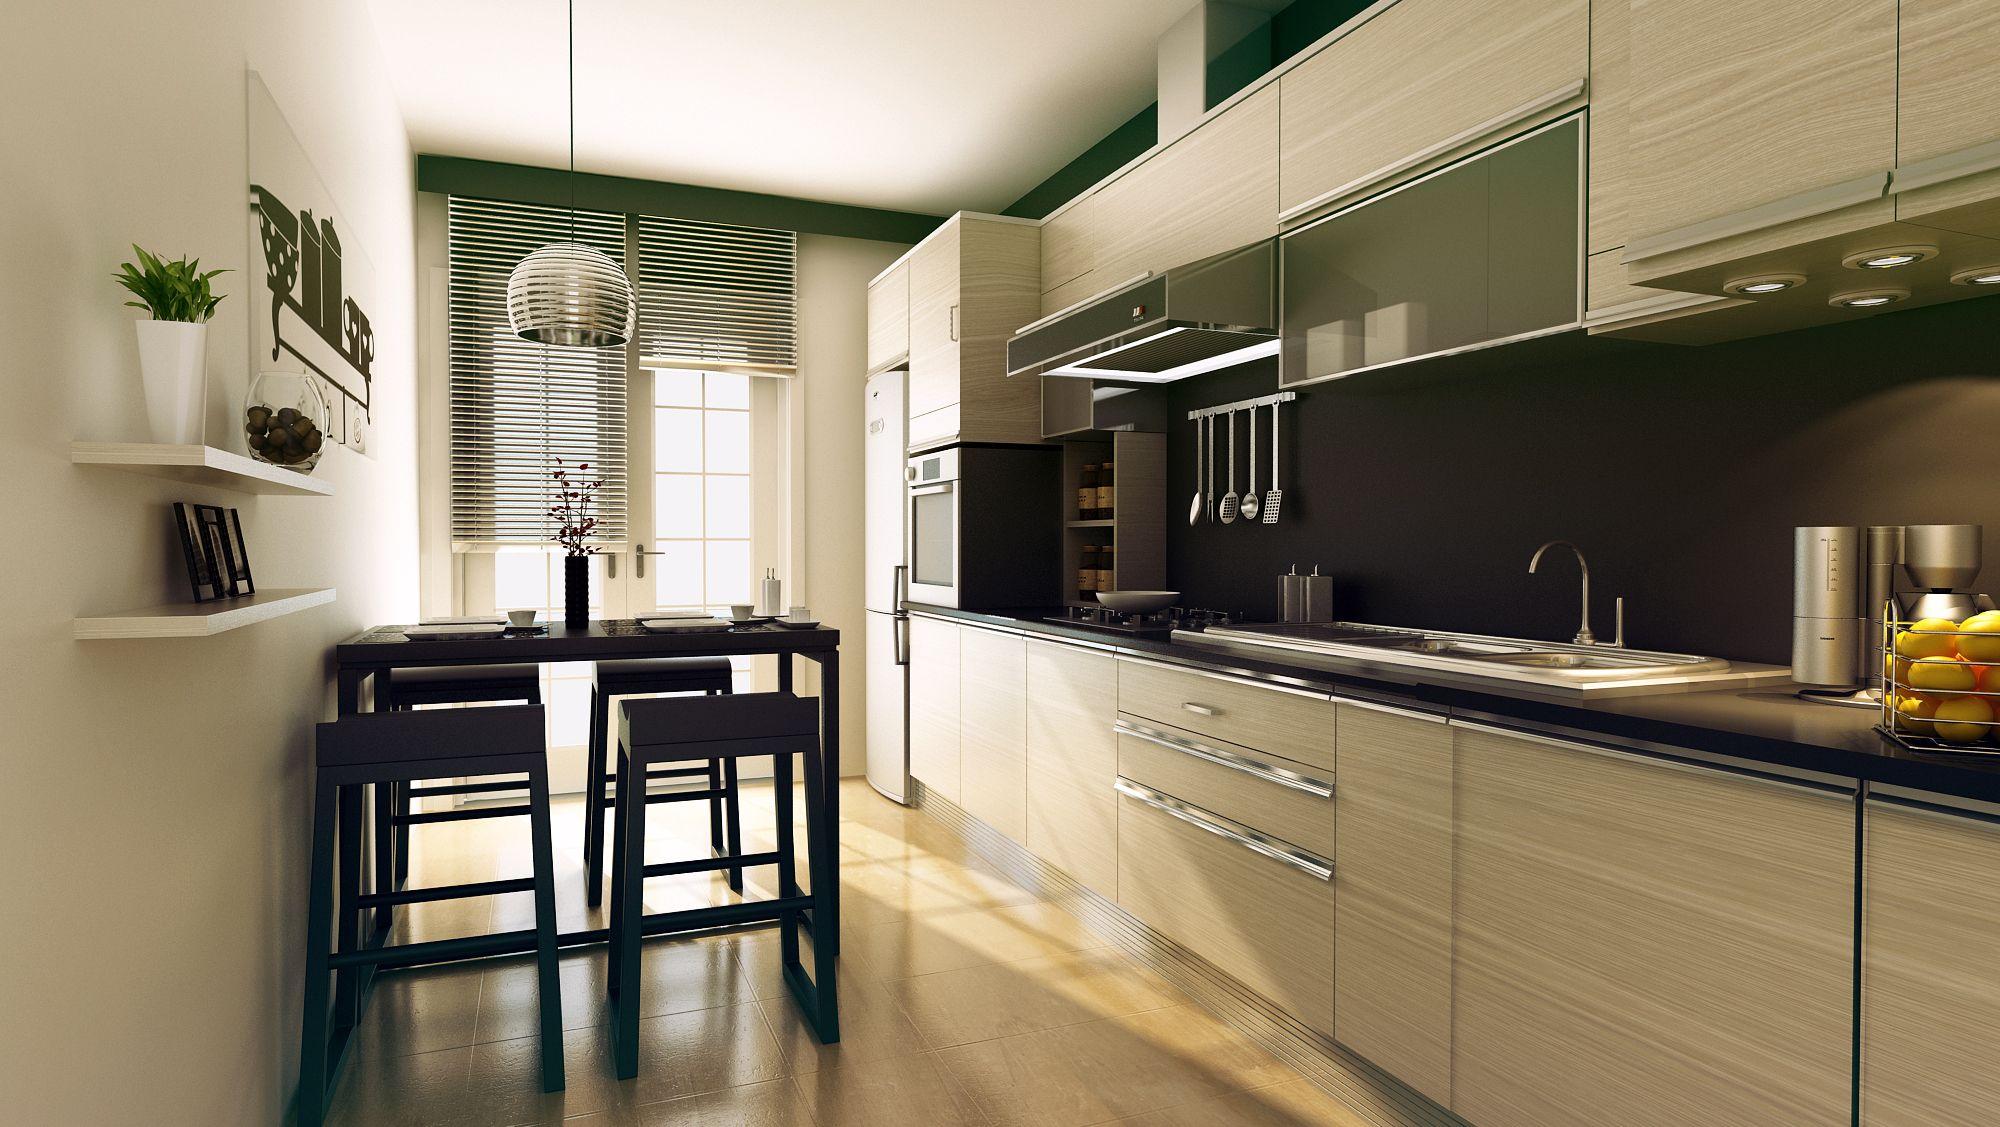 Disenar tu propia cocina gratis for Como disenar mi propia casa